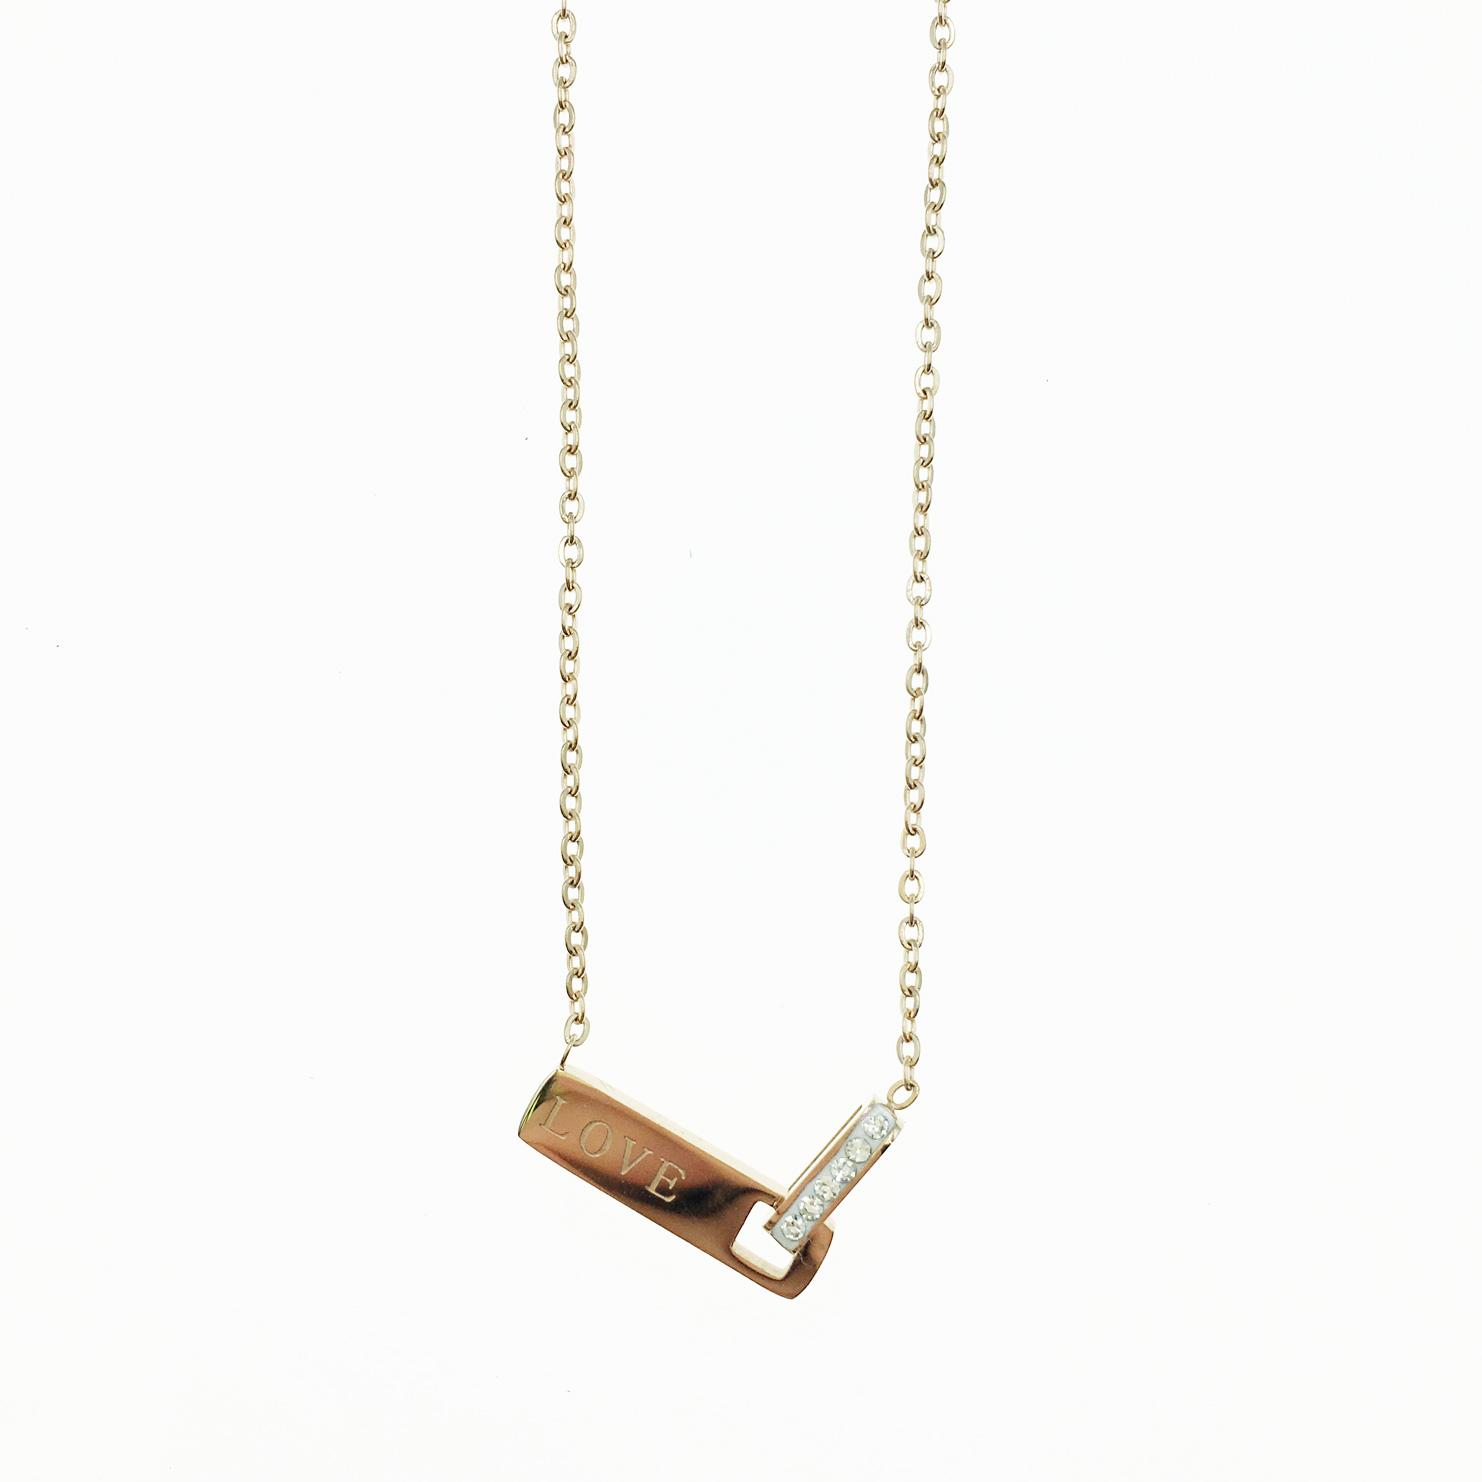 韓國 不鏽鋼 水鑽 LOVE英文字吊牌 玫瑰金 項鍊